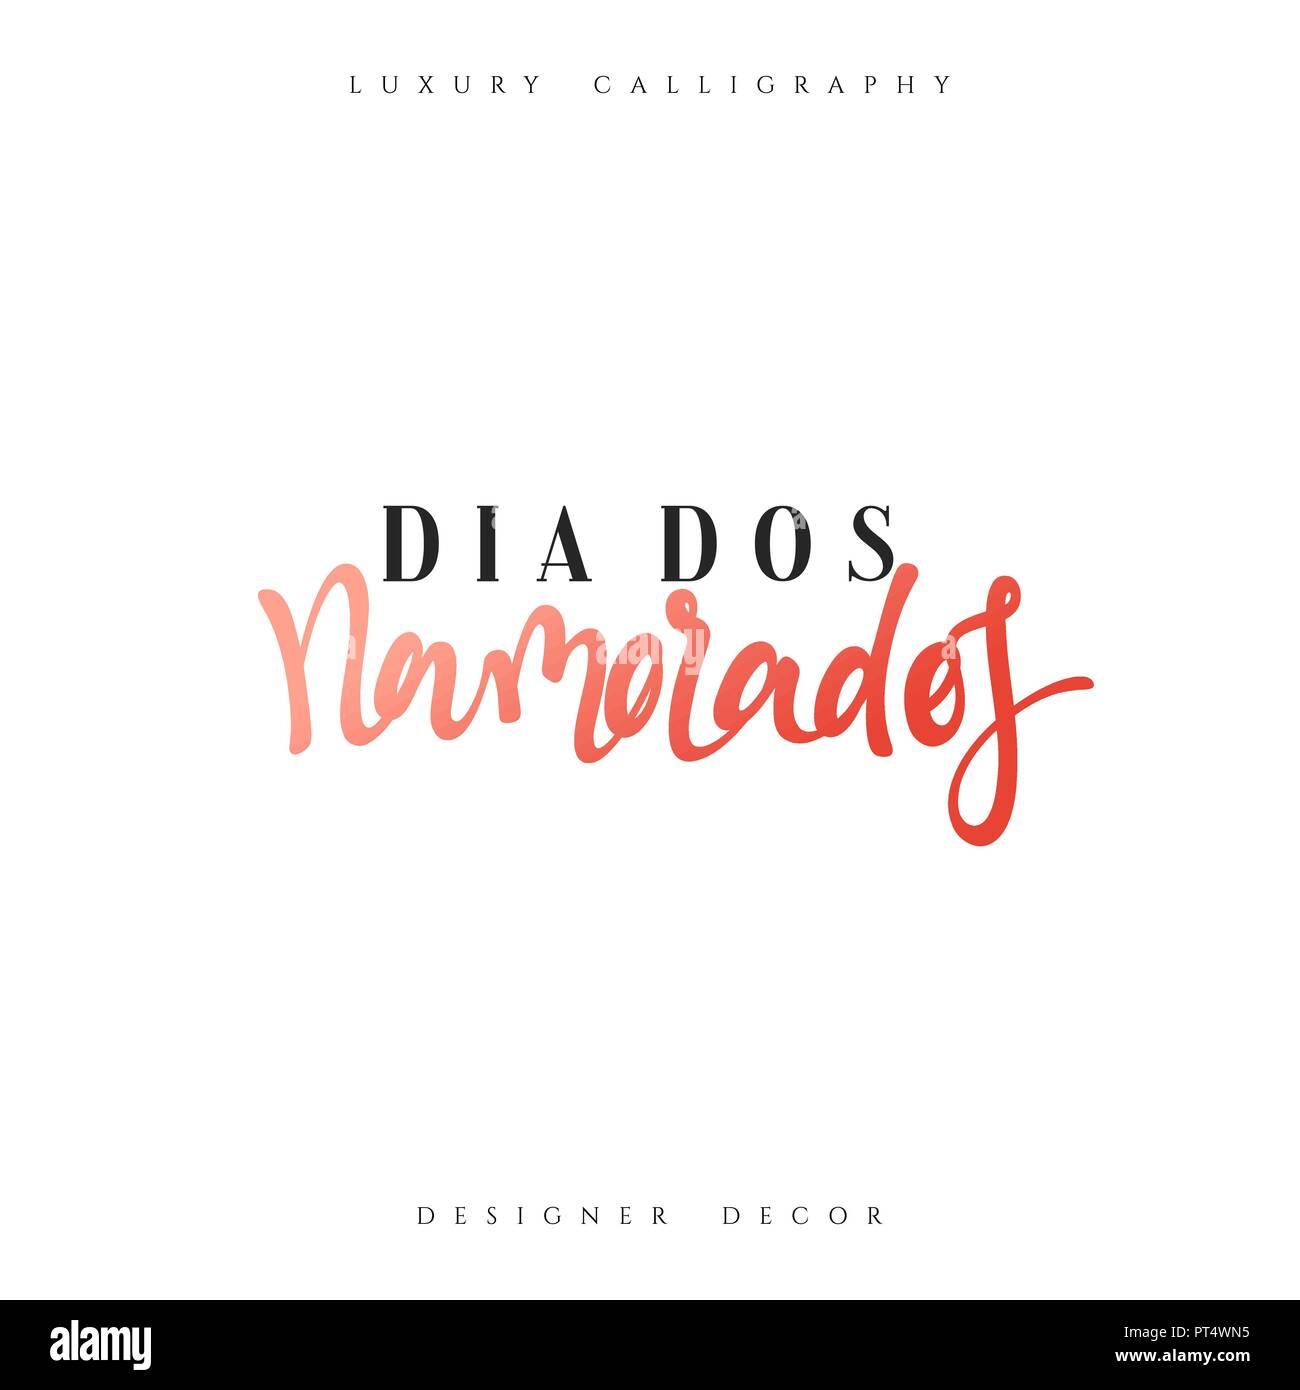 Dia Dos Namorados Elegante Moderno Y De Lujo En Caligrafía